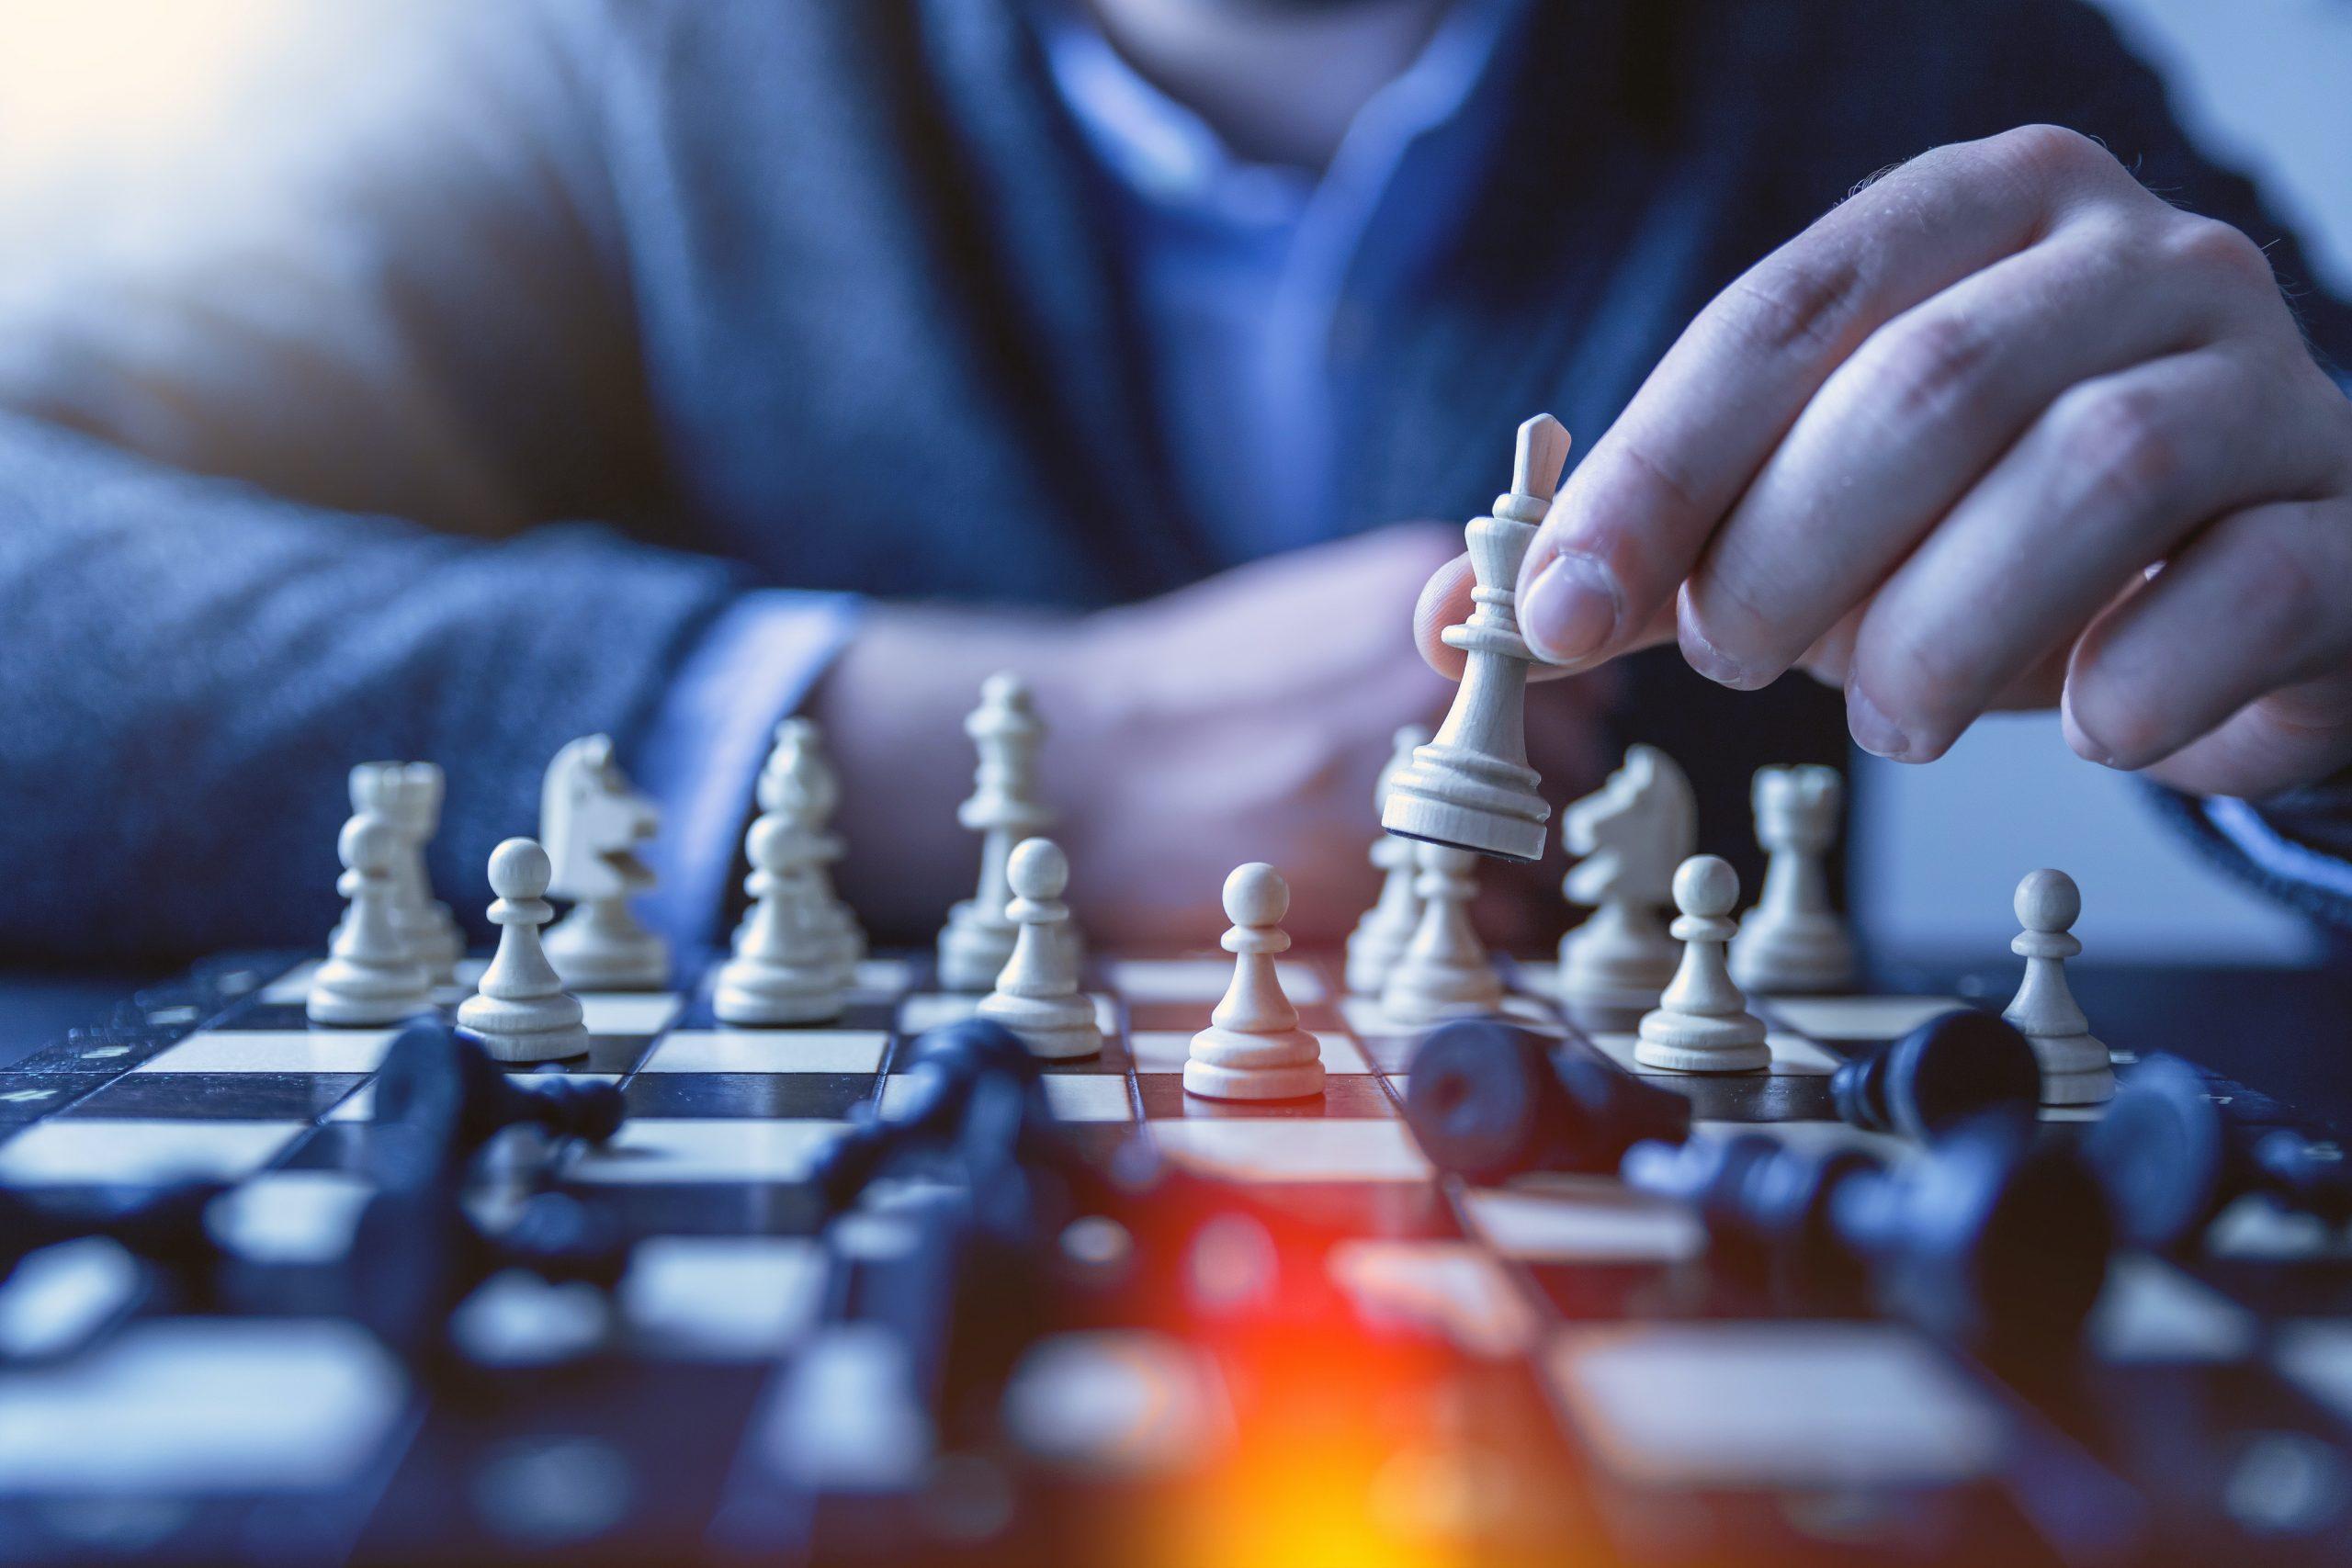 Planificación estratégica de marketing